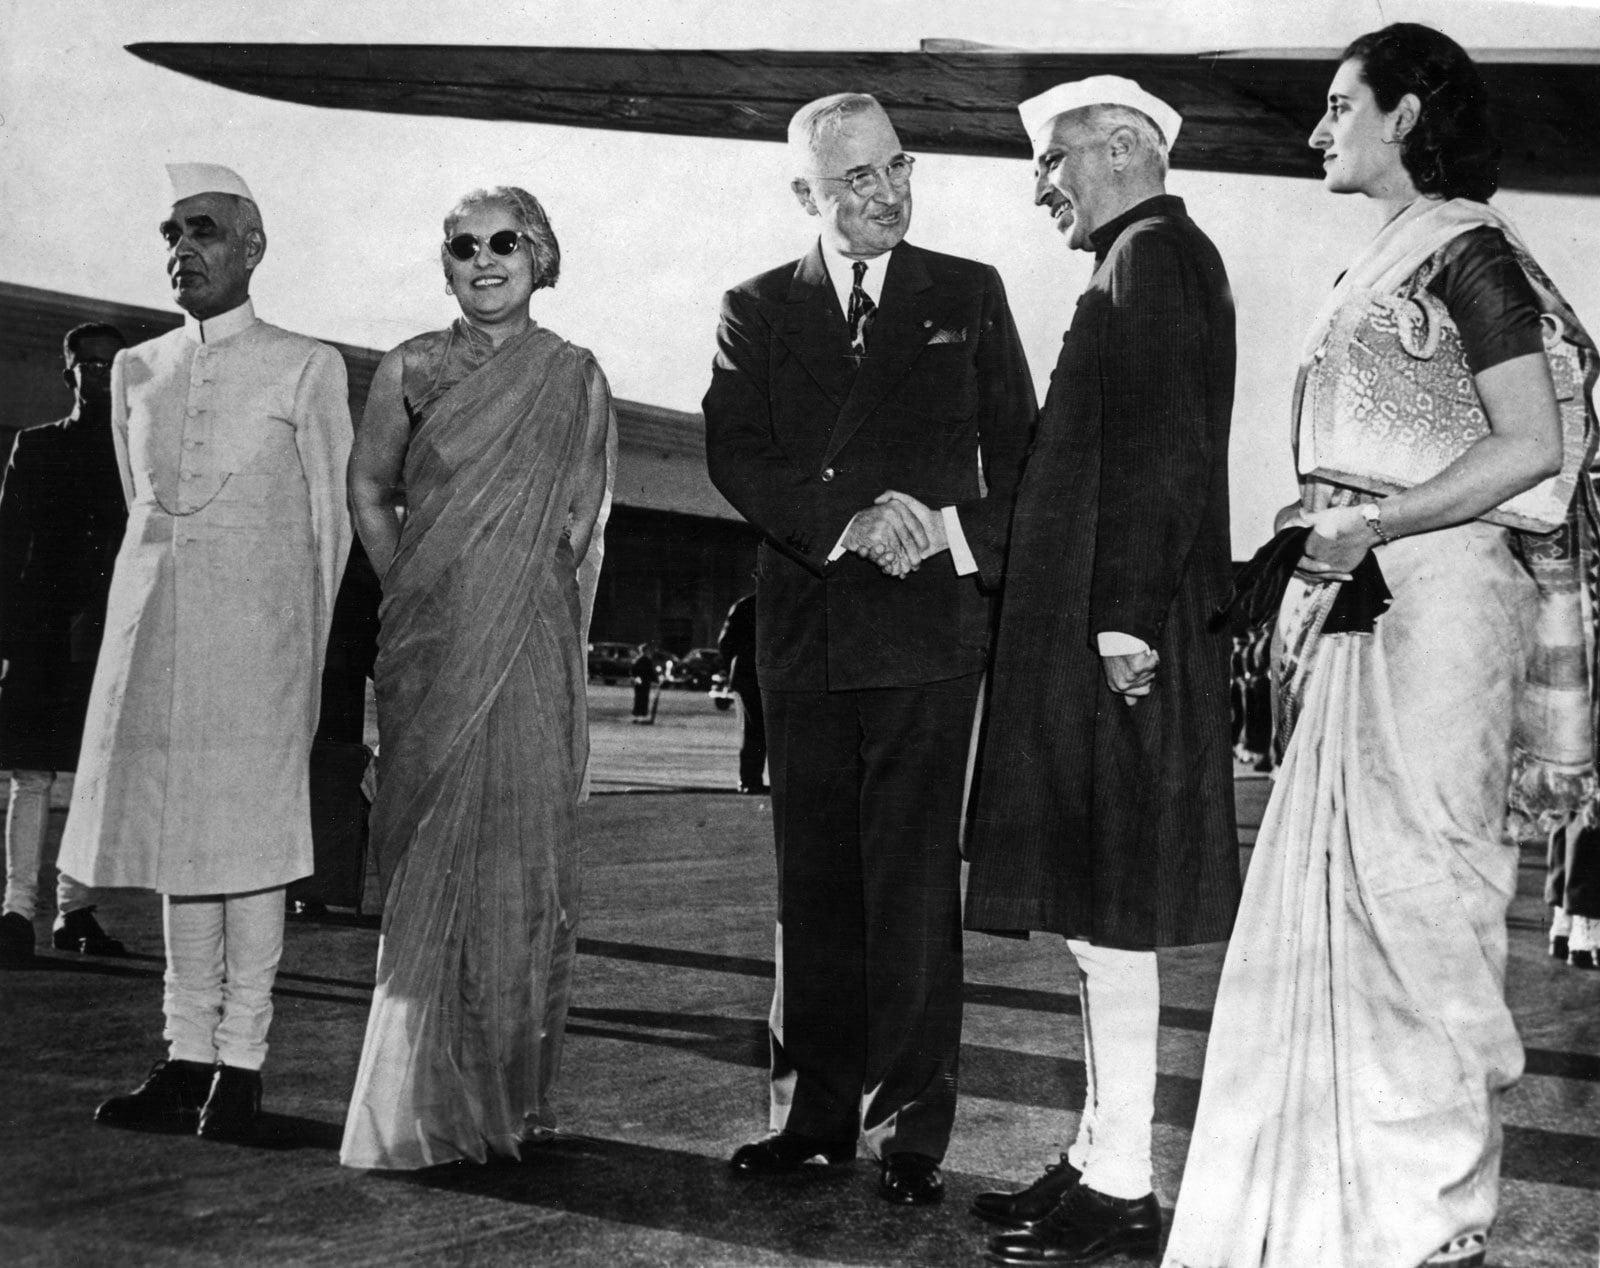 جواہر لال نہرو امریکی صدر ہینری ایس ٹرومین سے 1949 میں ملاقات کے دوران—فوٹو: انسائکلو پیڈیا برٹینیکا